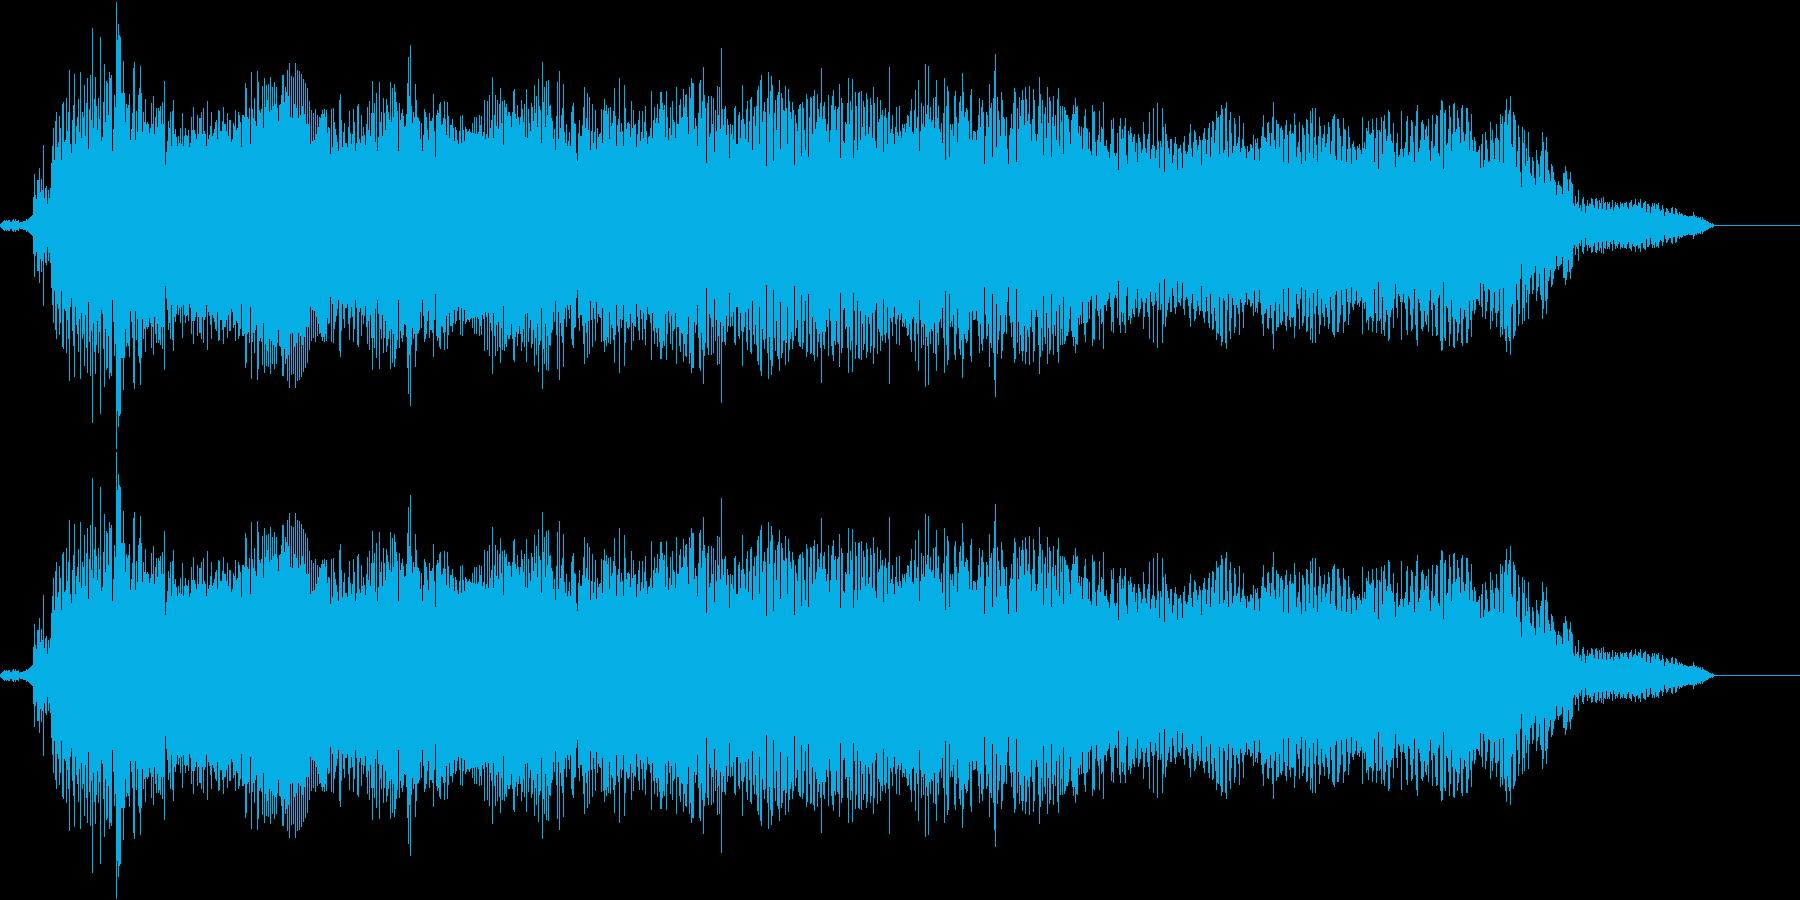 【エレキギター・リフ】チャイニーズ風の再生済みの波形